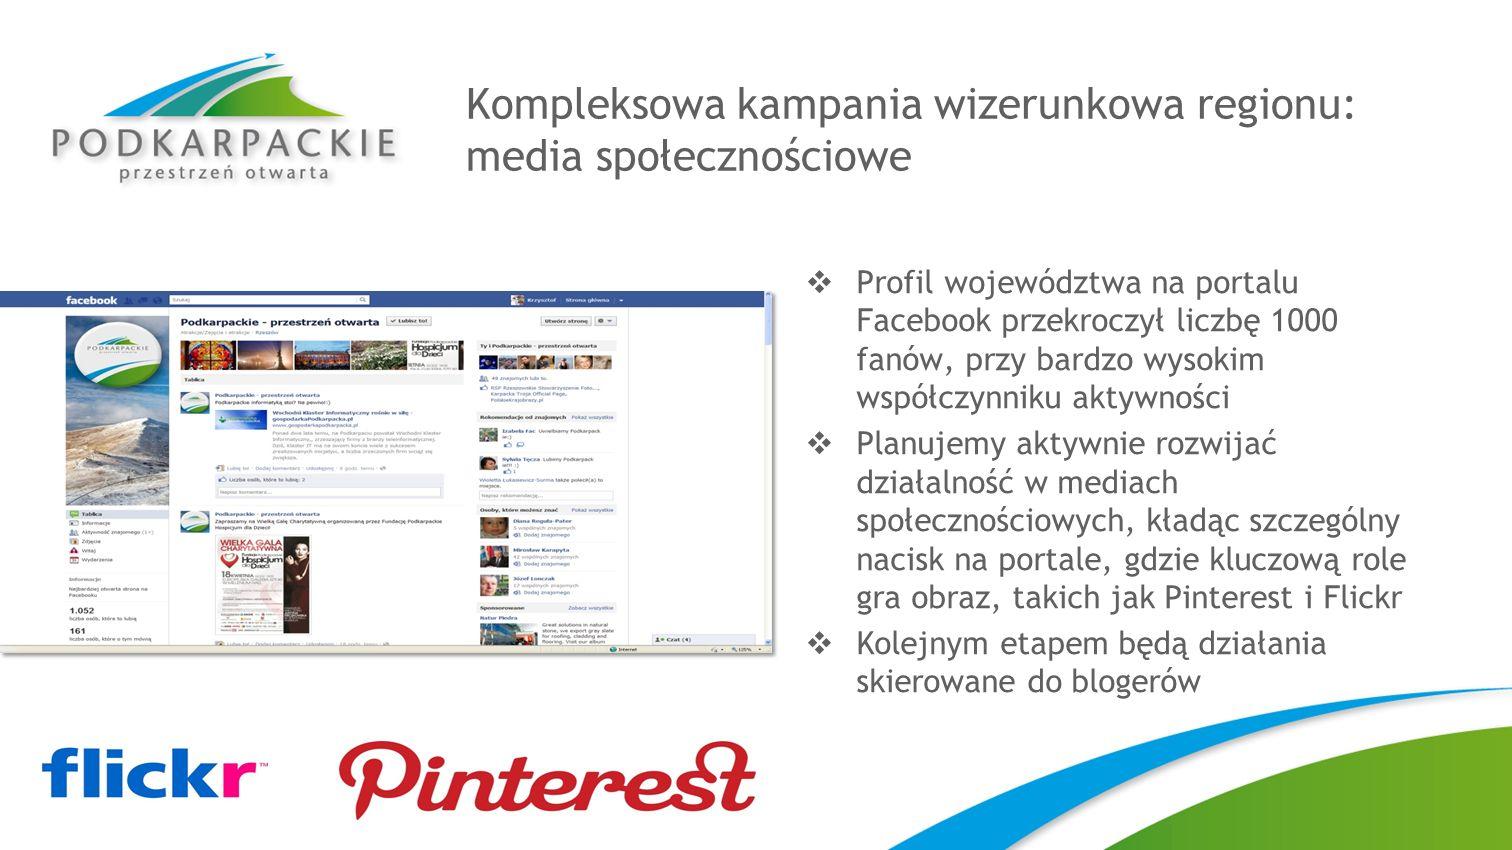 Kompleksowa kampania wizerunkowa regionu: media społecznościowe